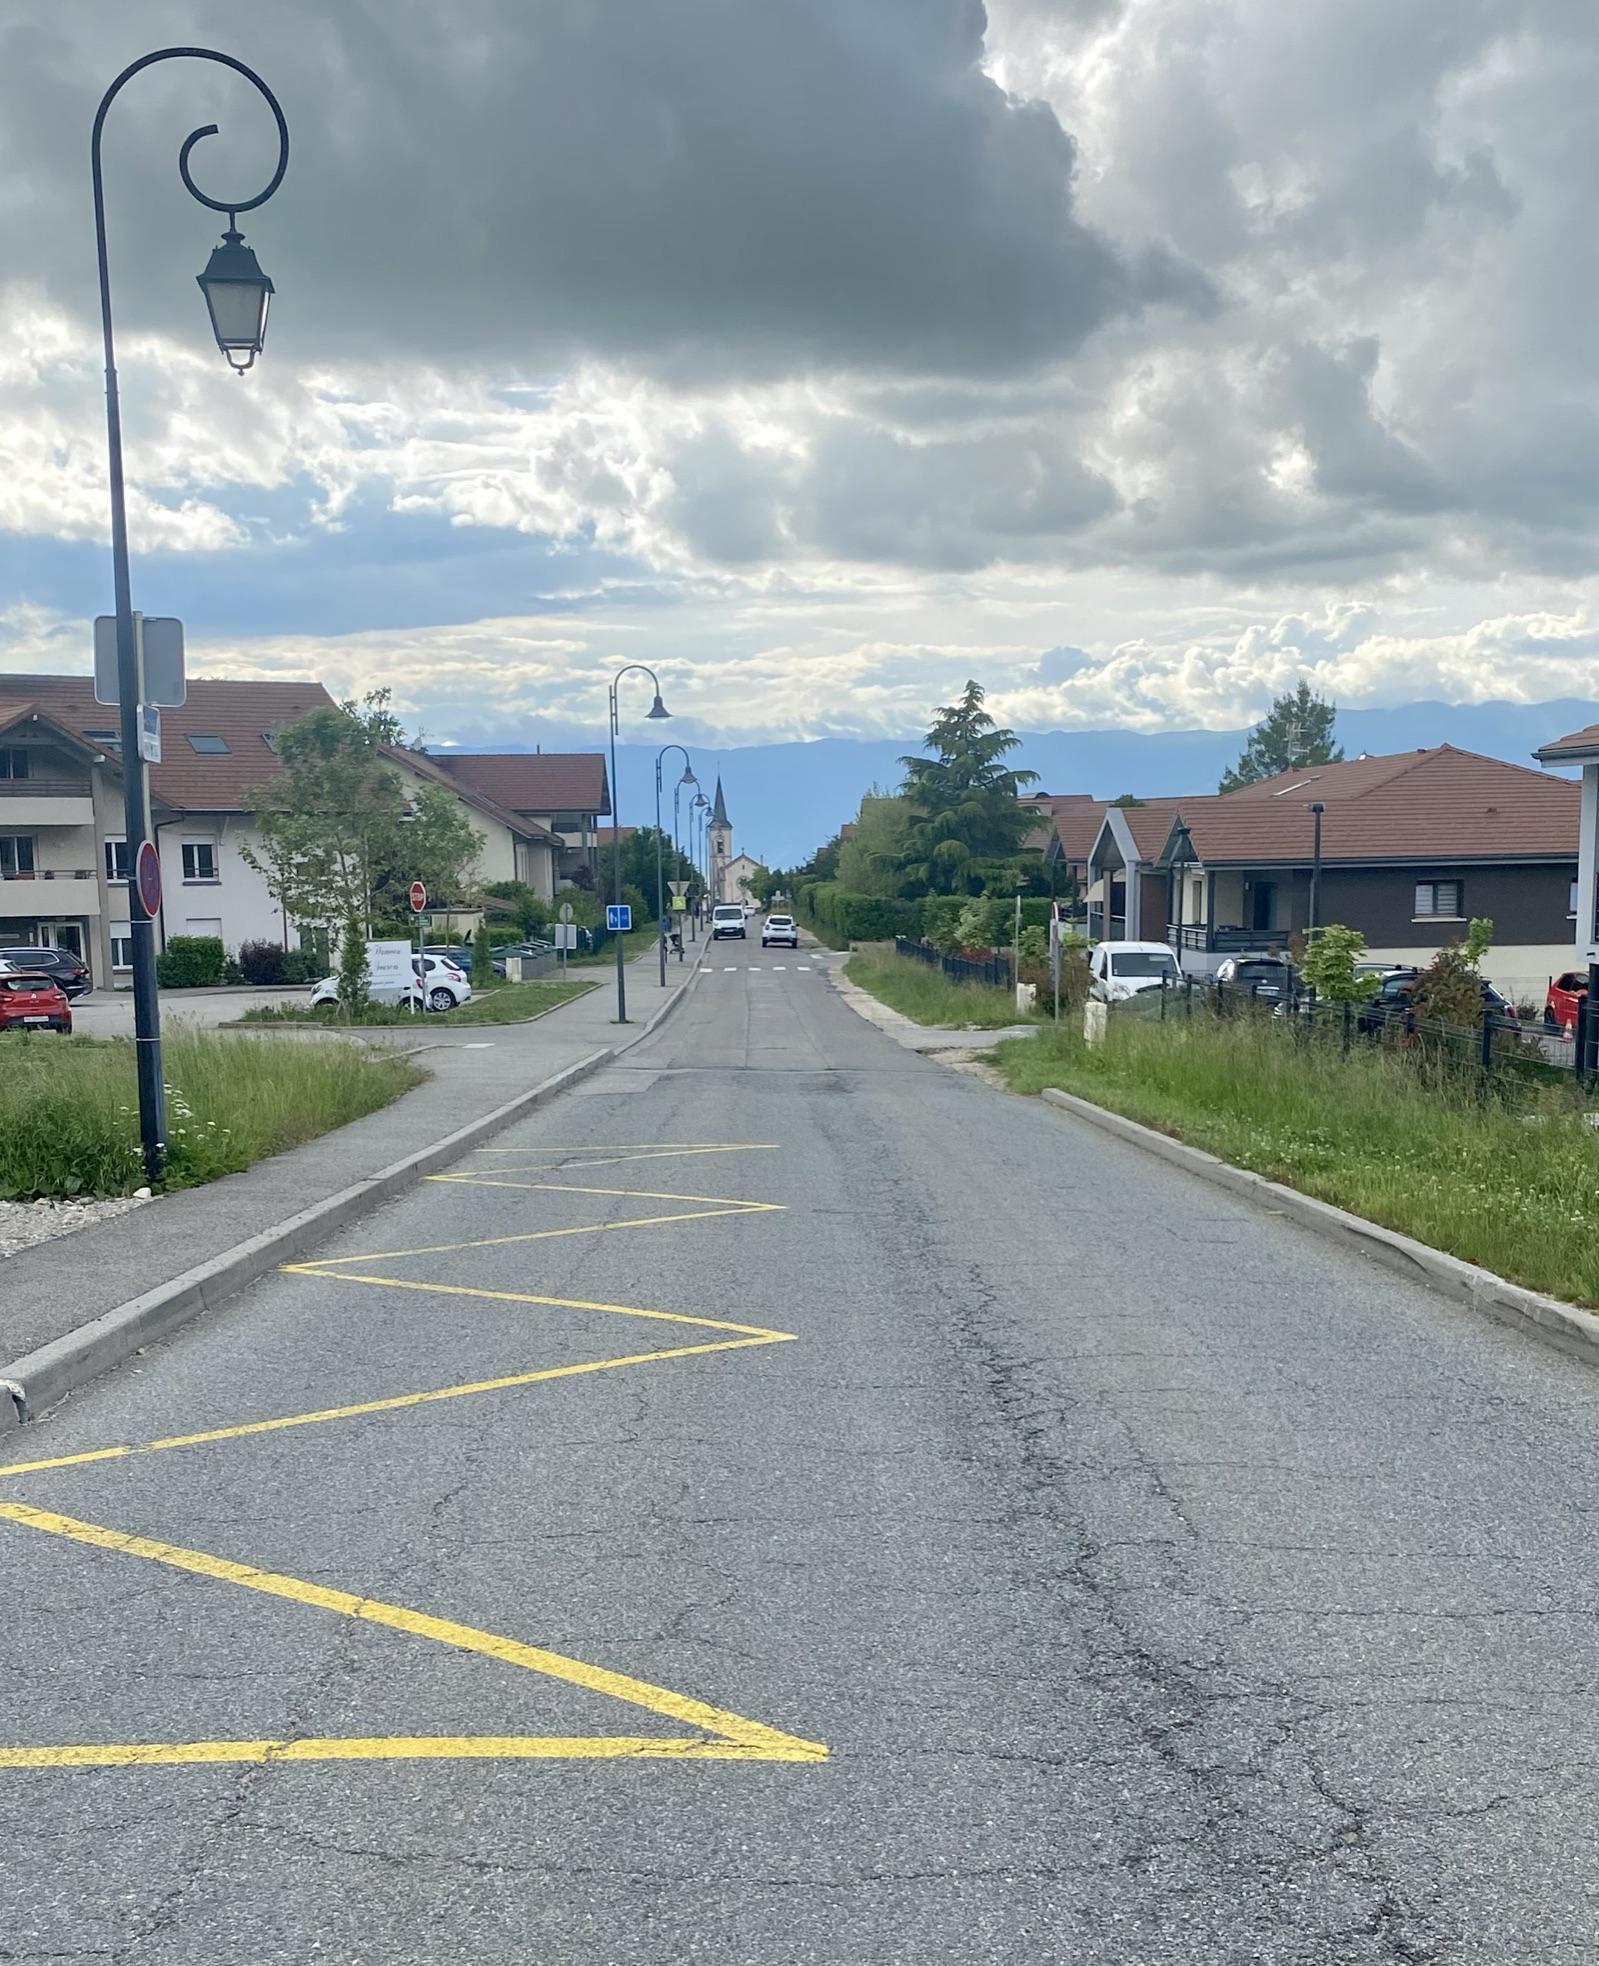 Image de couverture - Travaux Chemin Neuf